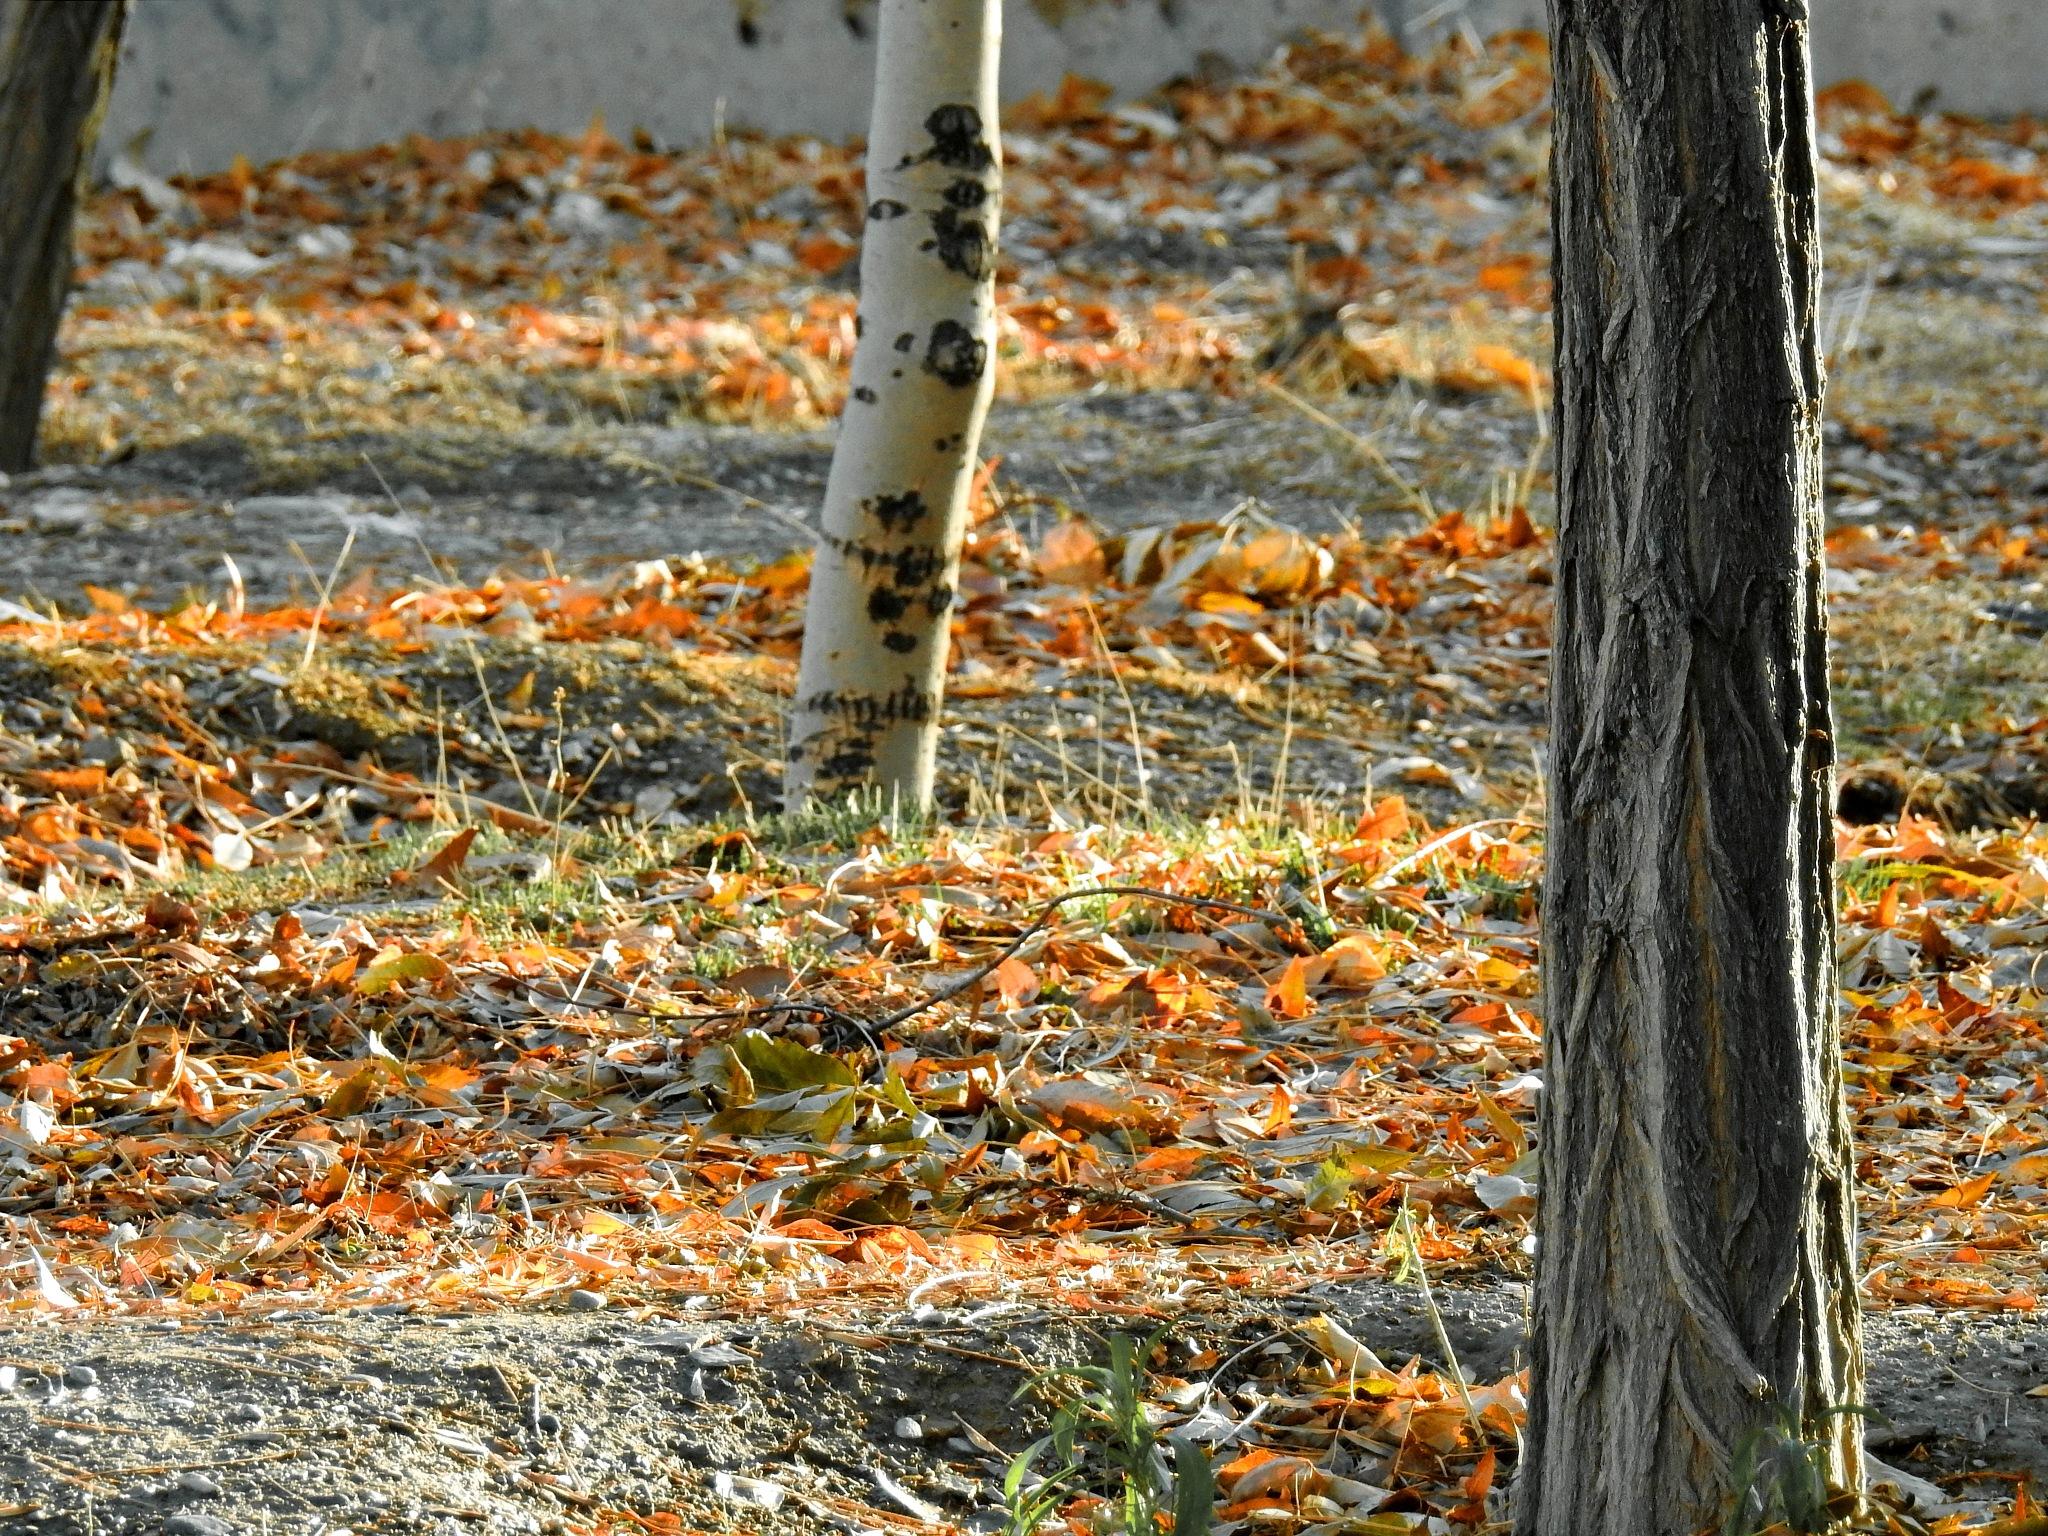 the autumn by Aahmad Hezavei